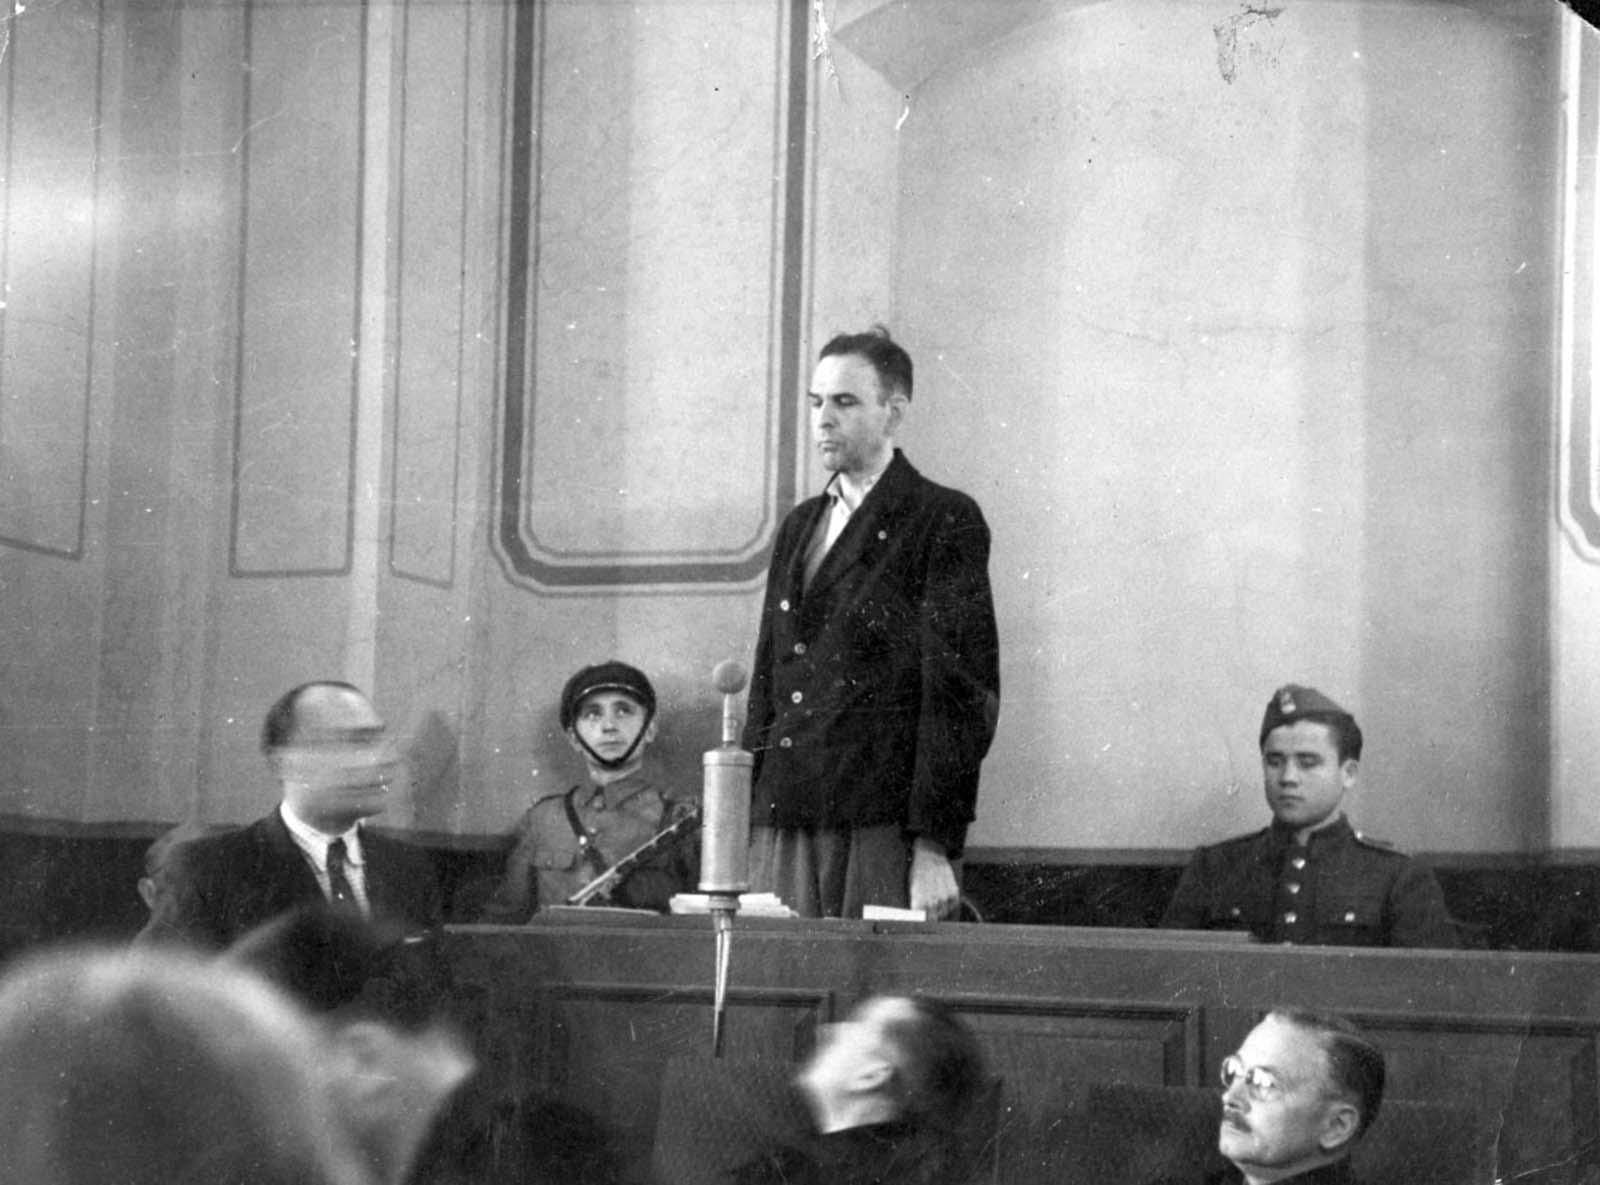 """Commandant du Camp d'Amon Goeth, tristement célèbre depuis le film """"la Liste de Schindler"""", debout sur son balcon, la préparation de fusiller des prisonniers, 1943"""